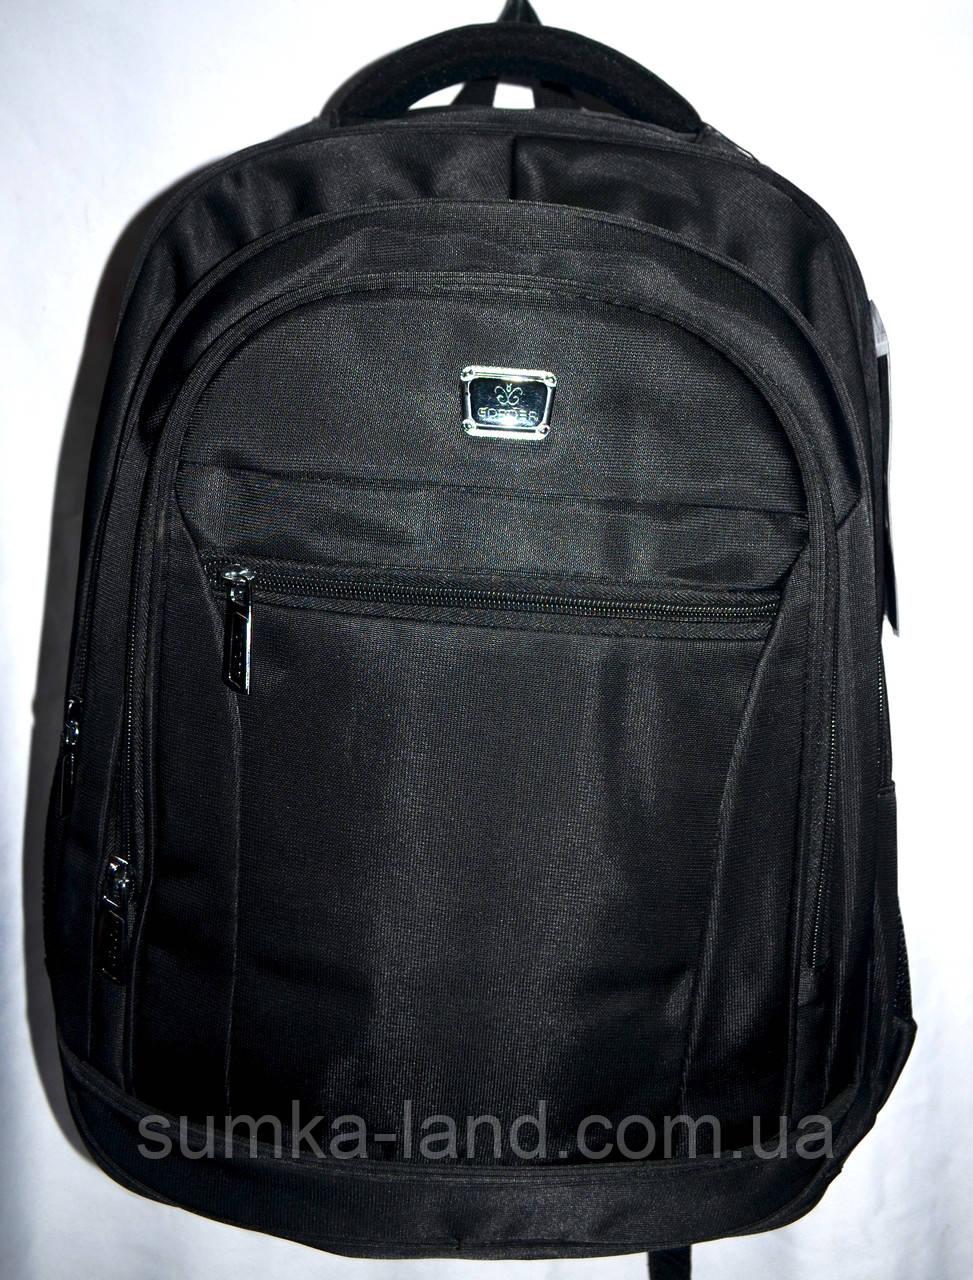 Мужской черный рюкзак хорошего качества 32*46 см